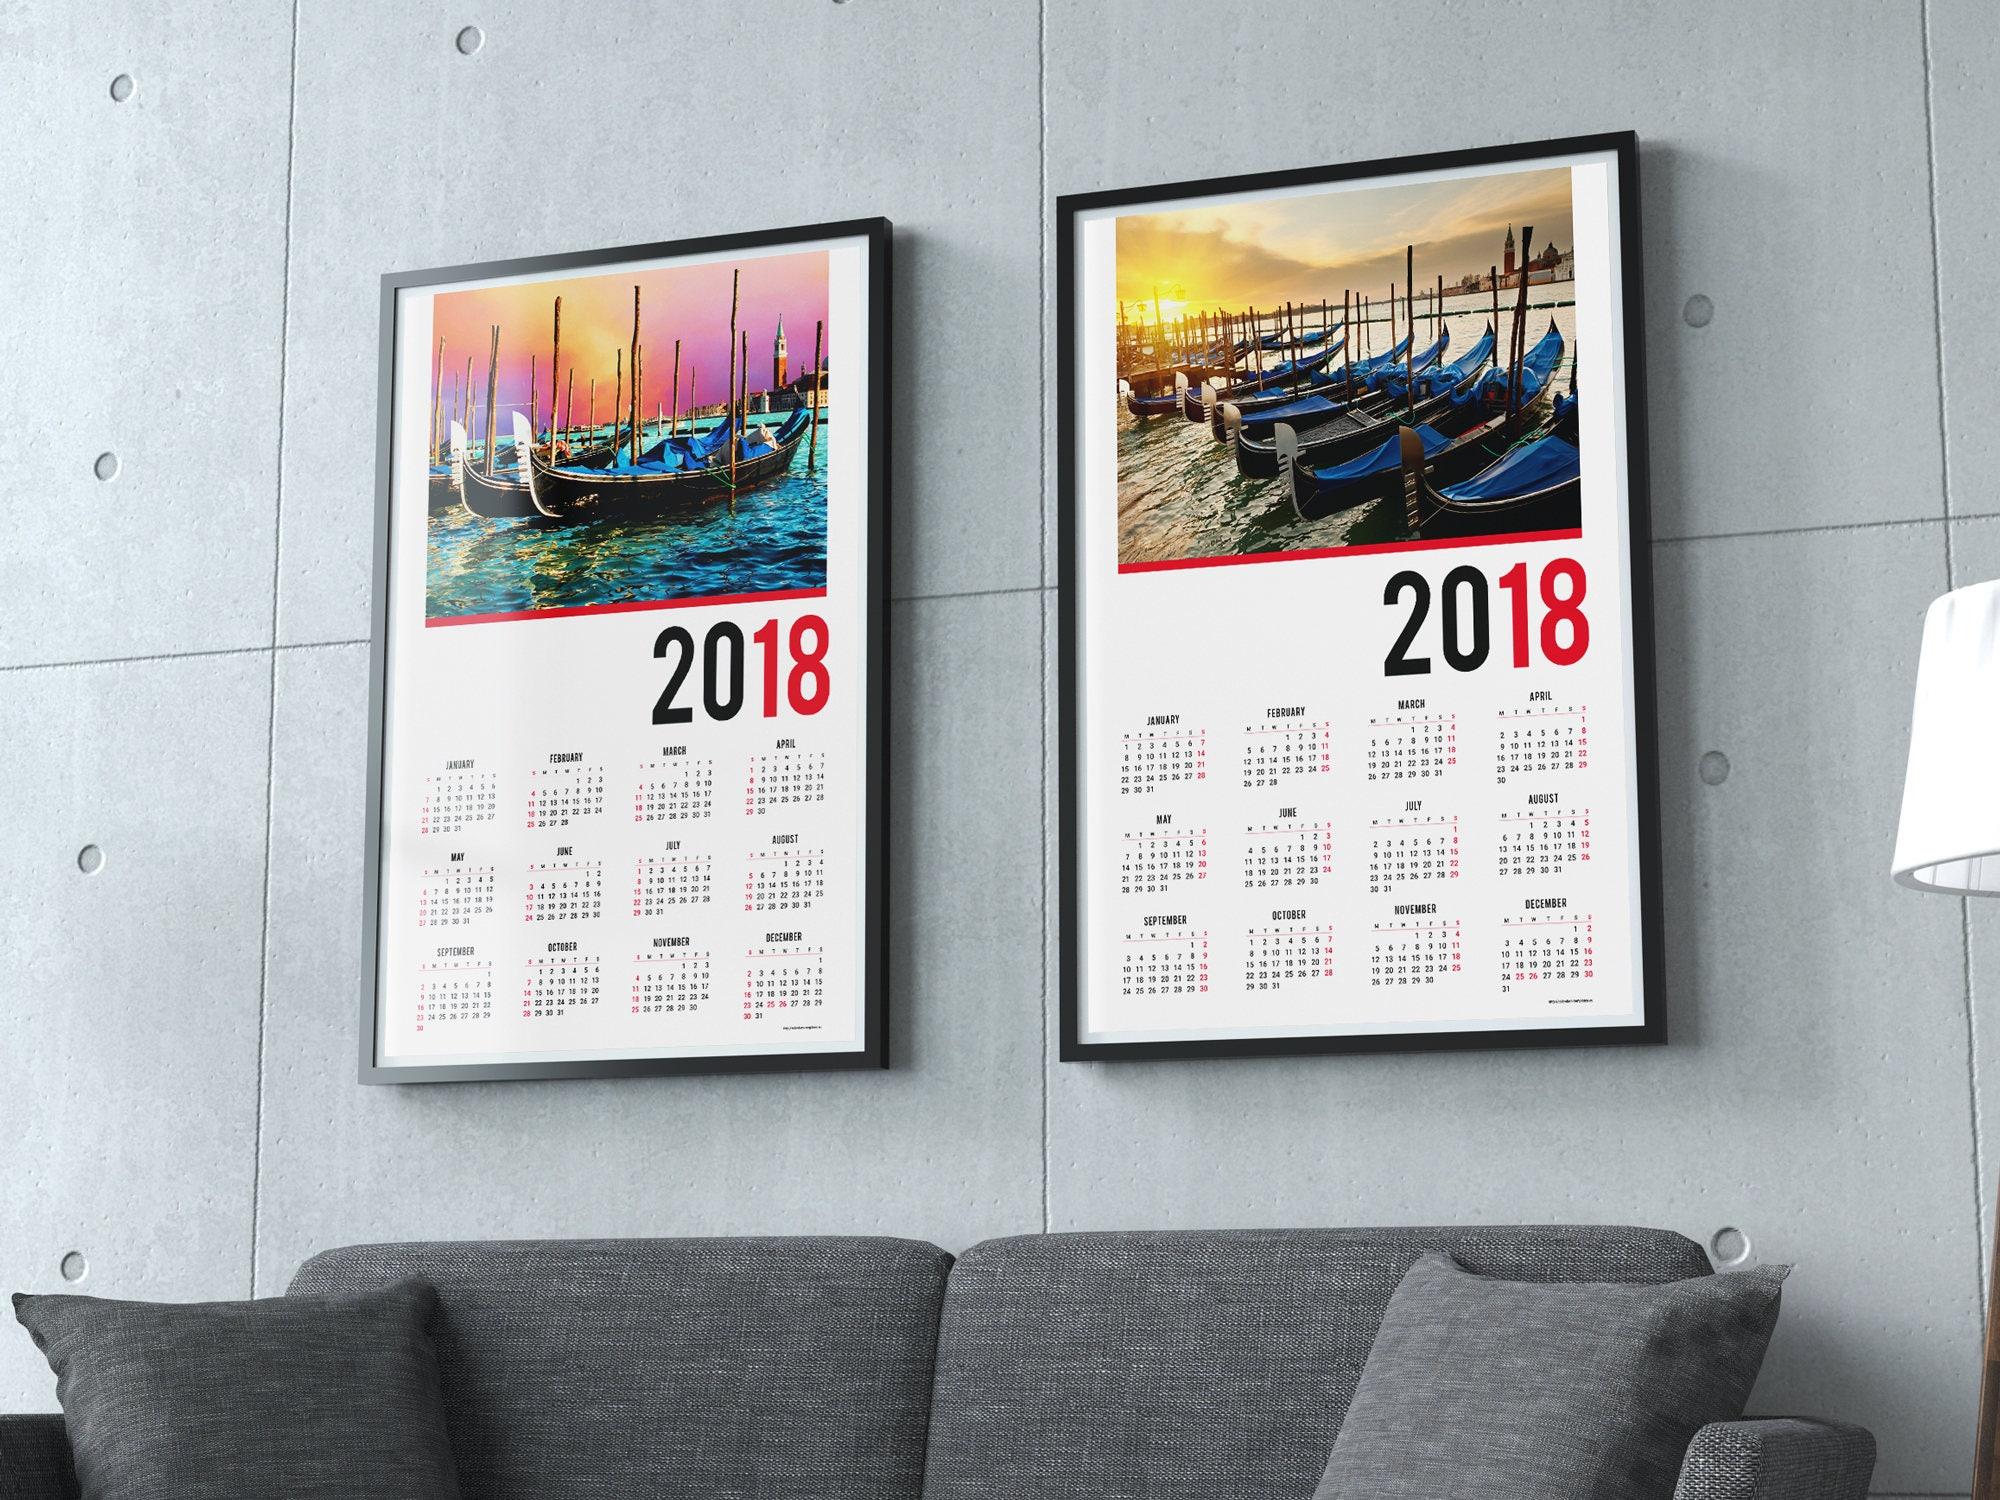 Calendar Poster Design : Poster wall calendar template kjp w pdf format size